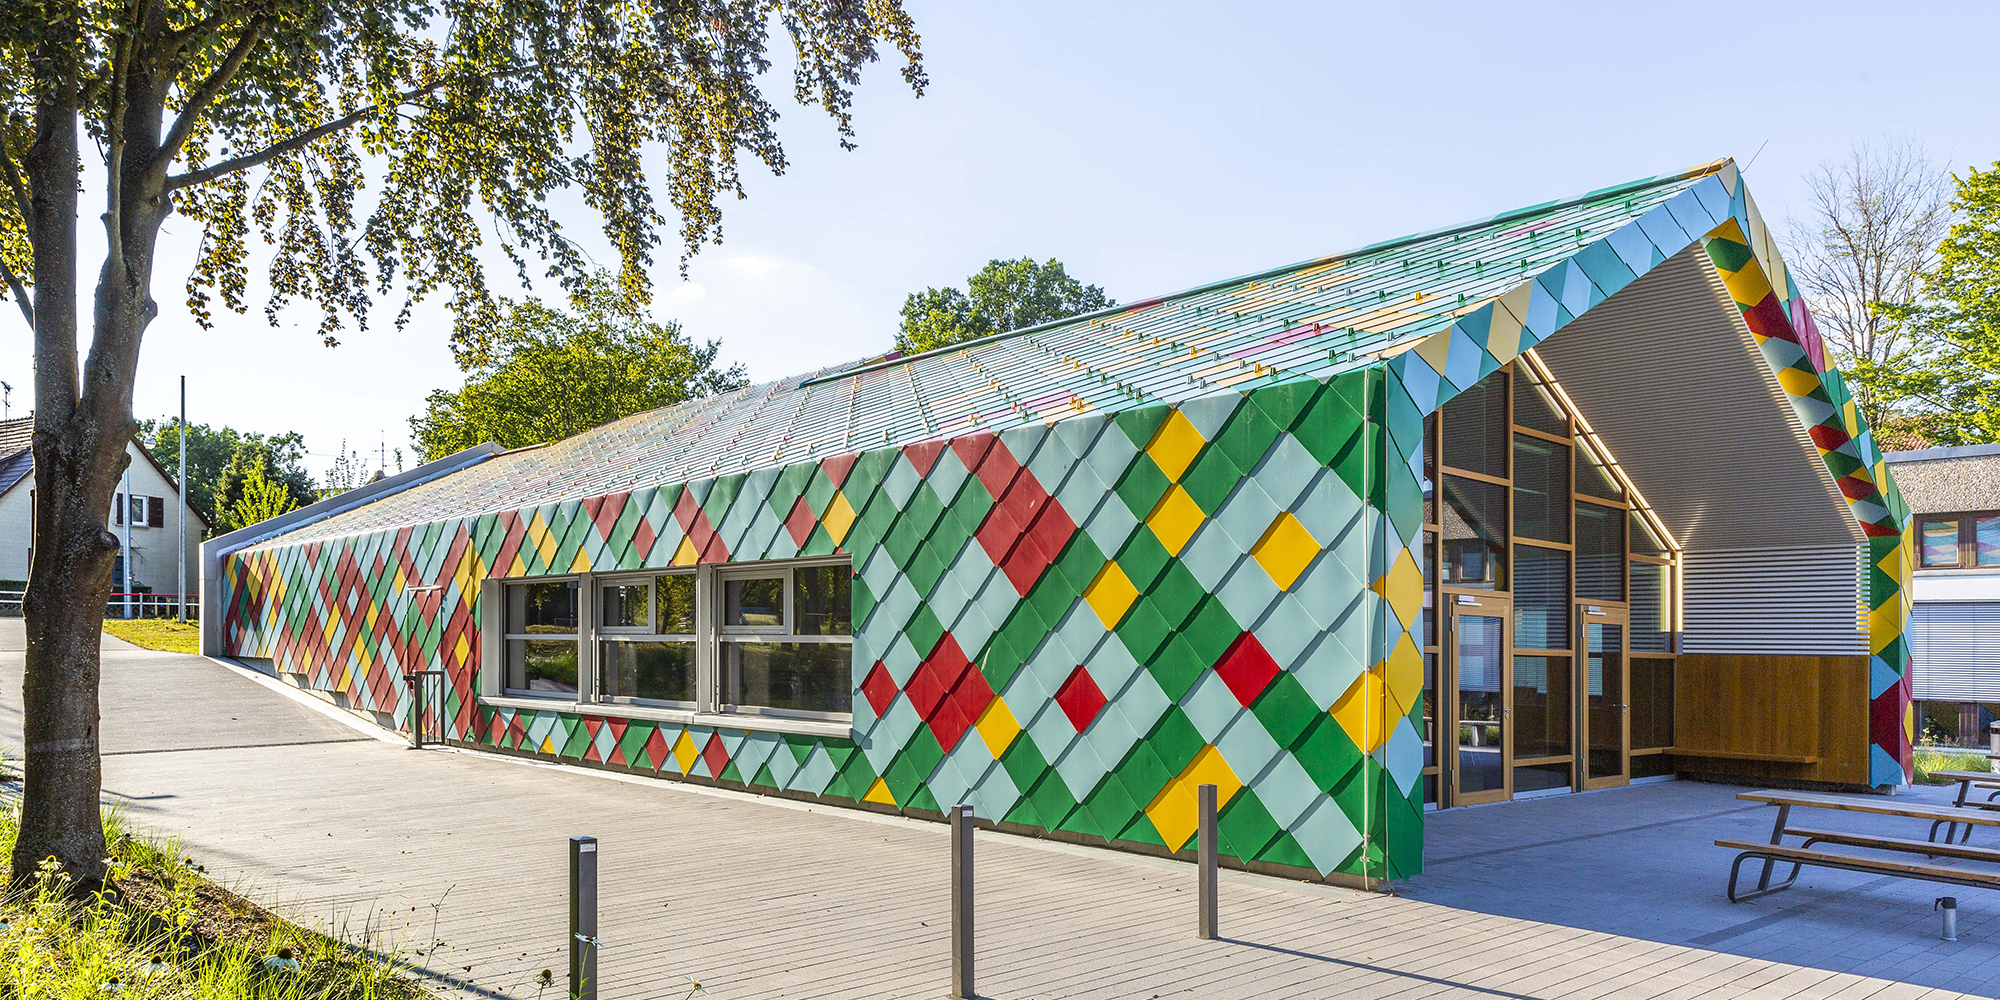 00 School Cafeteria Stuttgart Hammeskrause Featured Image Şgericke